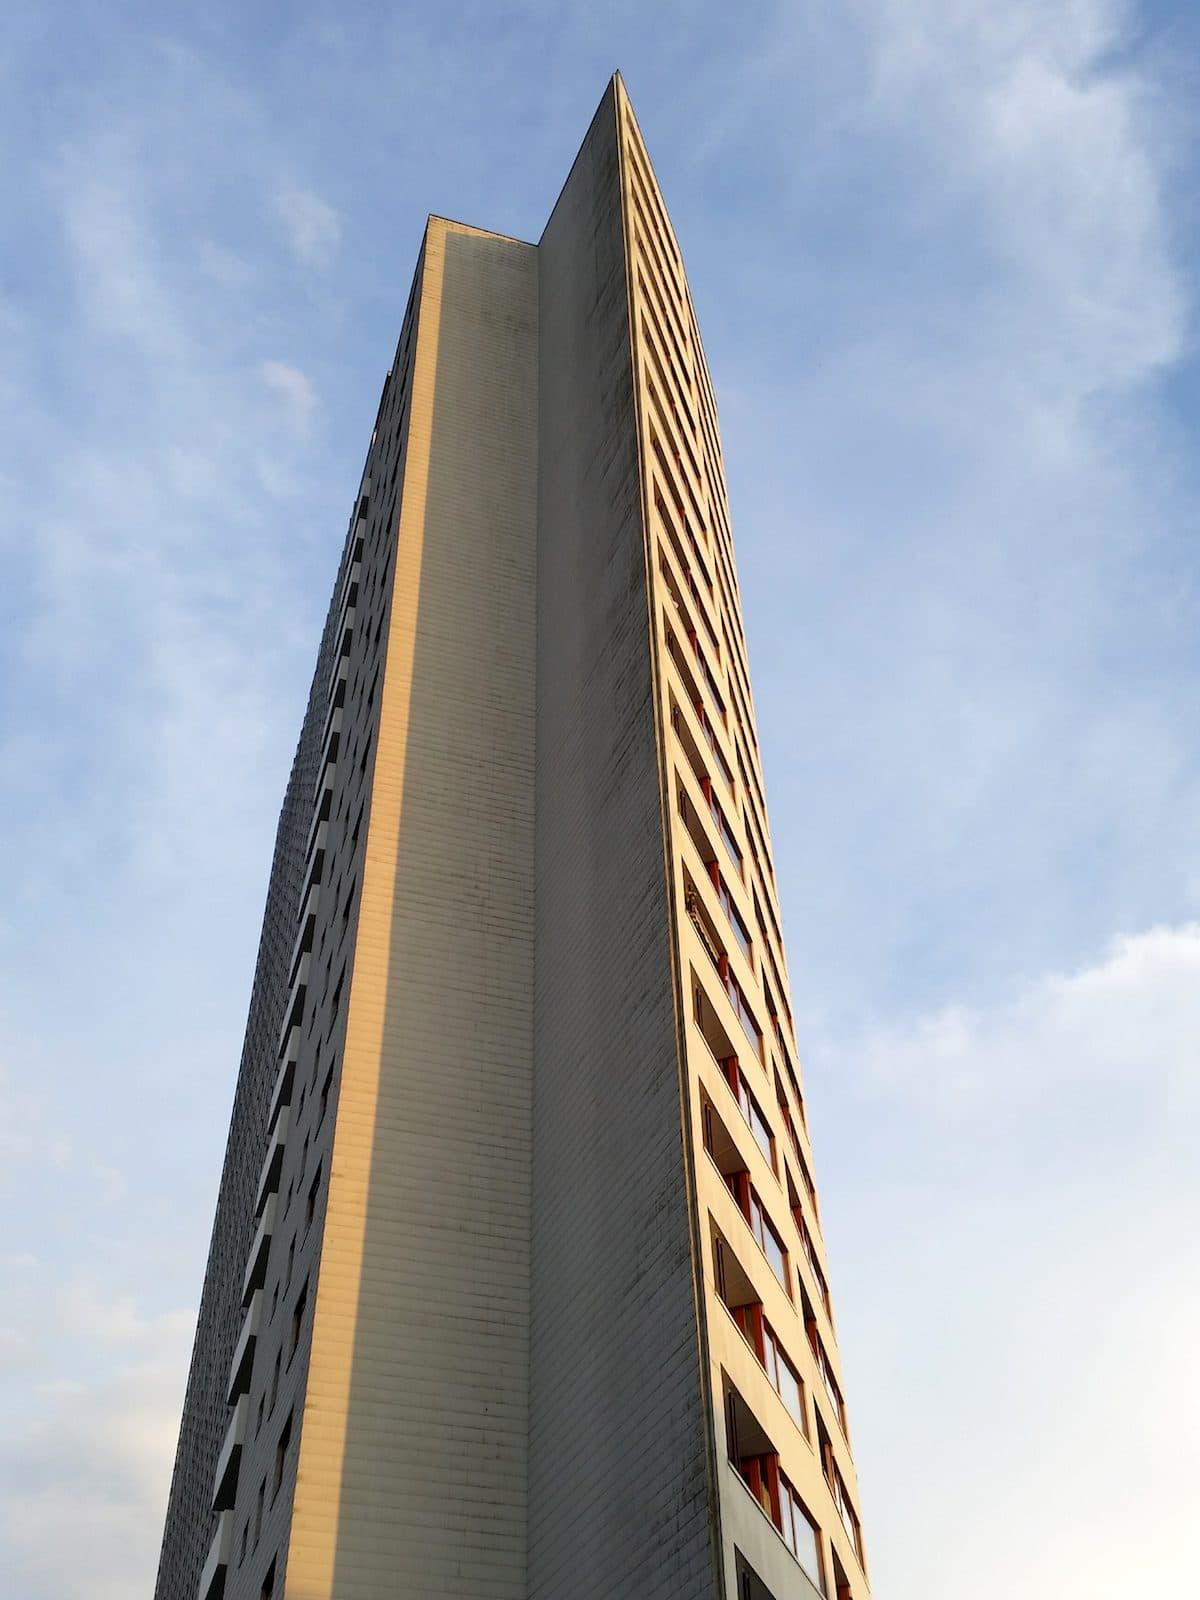 Das Aalto-Hochhaus hat große Fenster mach Westen und ist fast geschlossen nach Osten